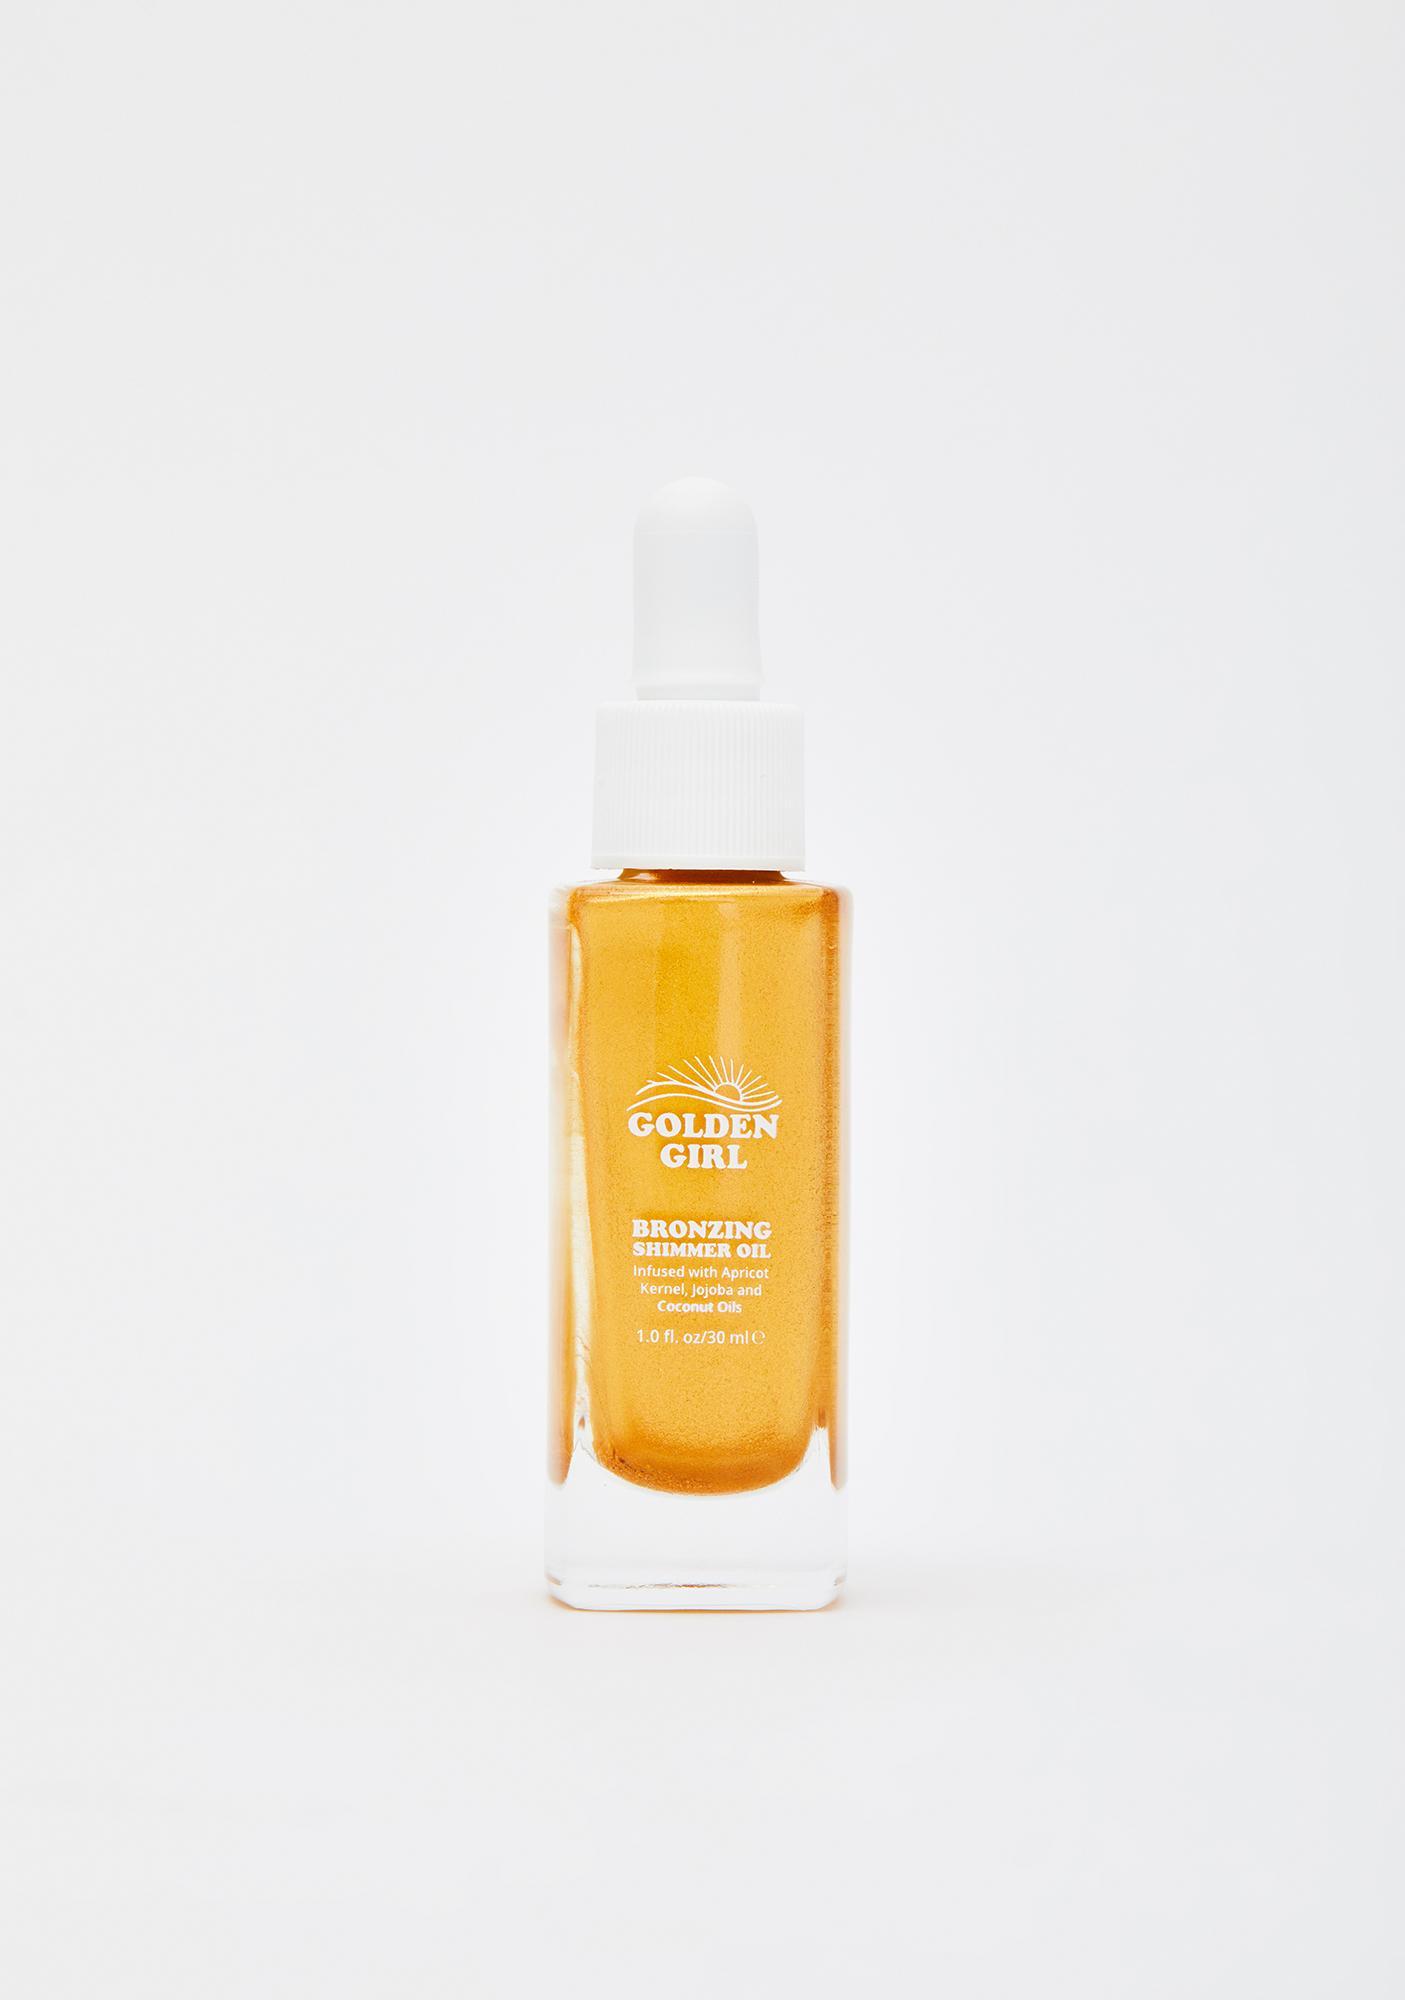 Lavender Stardust Golden Girl Bronzing Shimmer Oil